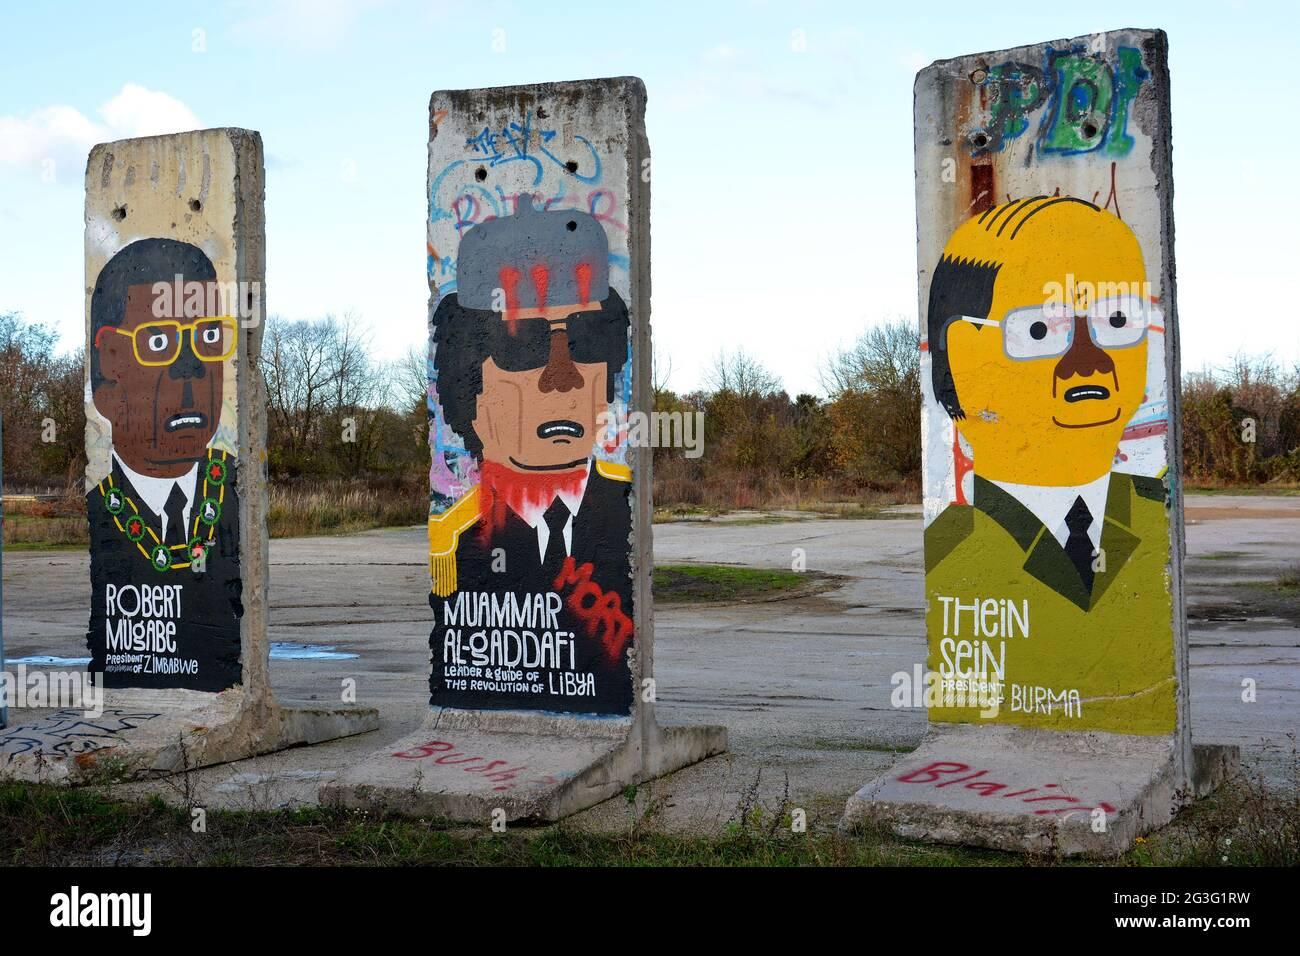 Mauerteil mit der Darstellung Gaddafi,Mugabe, Sein Stock Photo